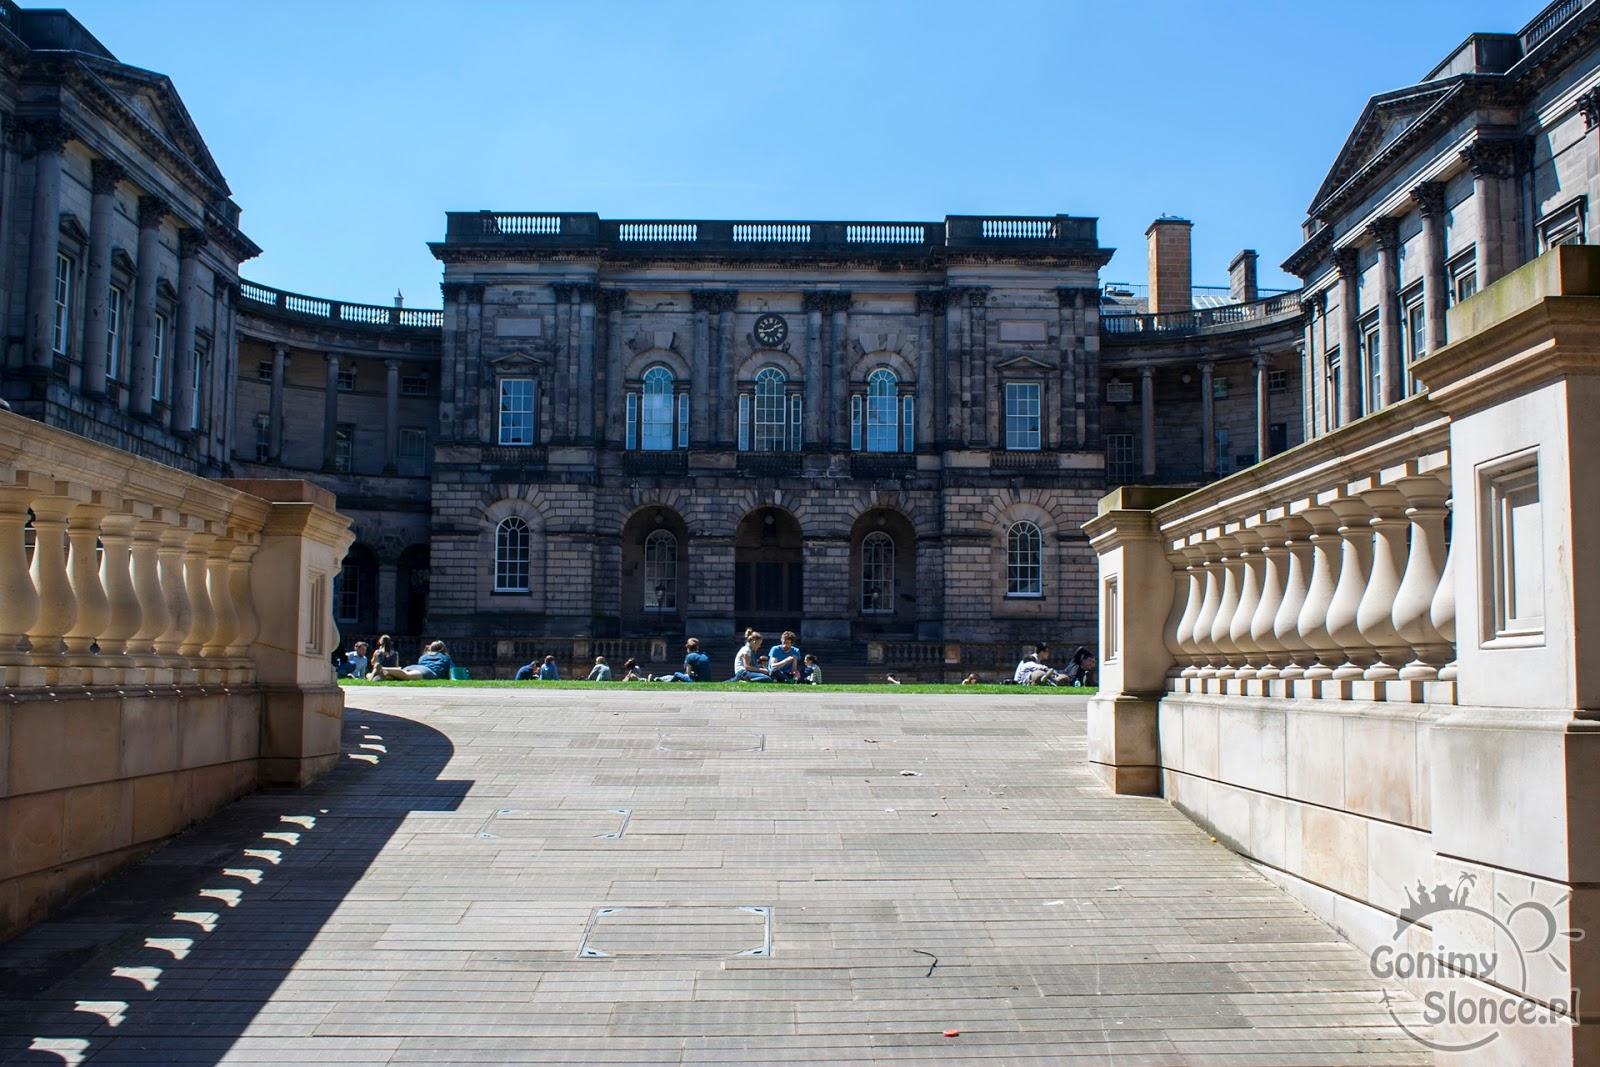 Dziedziniec Uniwersytetu w Edynburgu - przewodnik po stolicy Szkocji